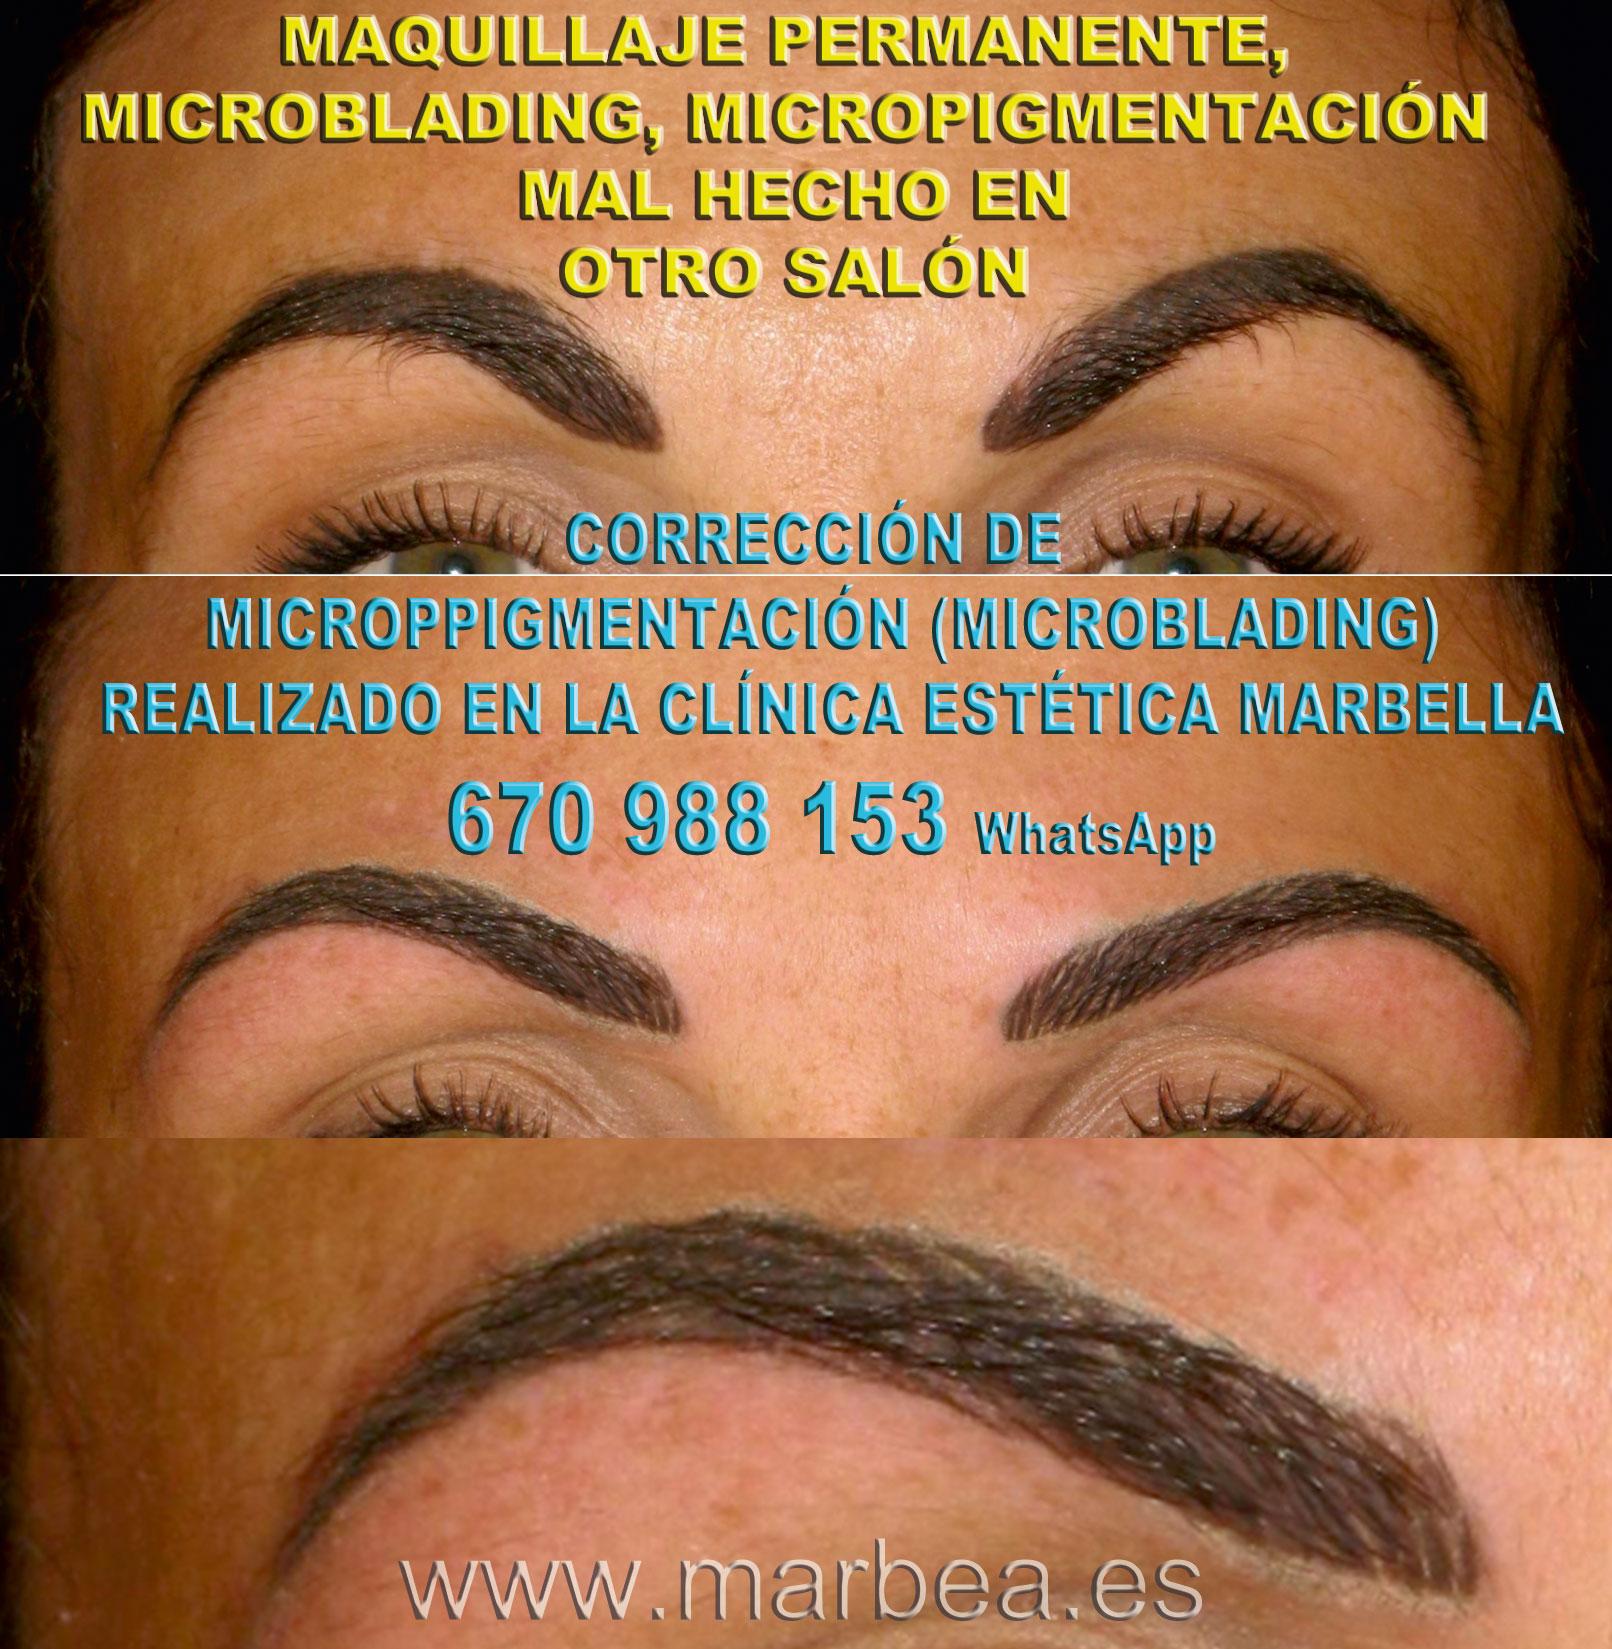 CORREGIR MICROPIGMENTACION MAL HECHA clínica estética micropigmentación propone micropigmentacion correctiva de cejas,corregir micropigmentación mal hecha